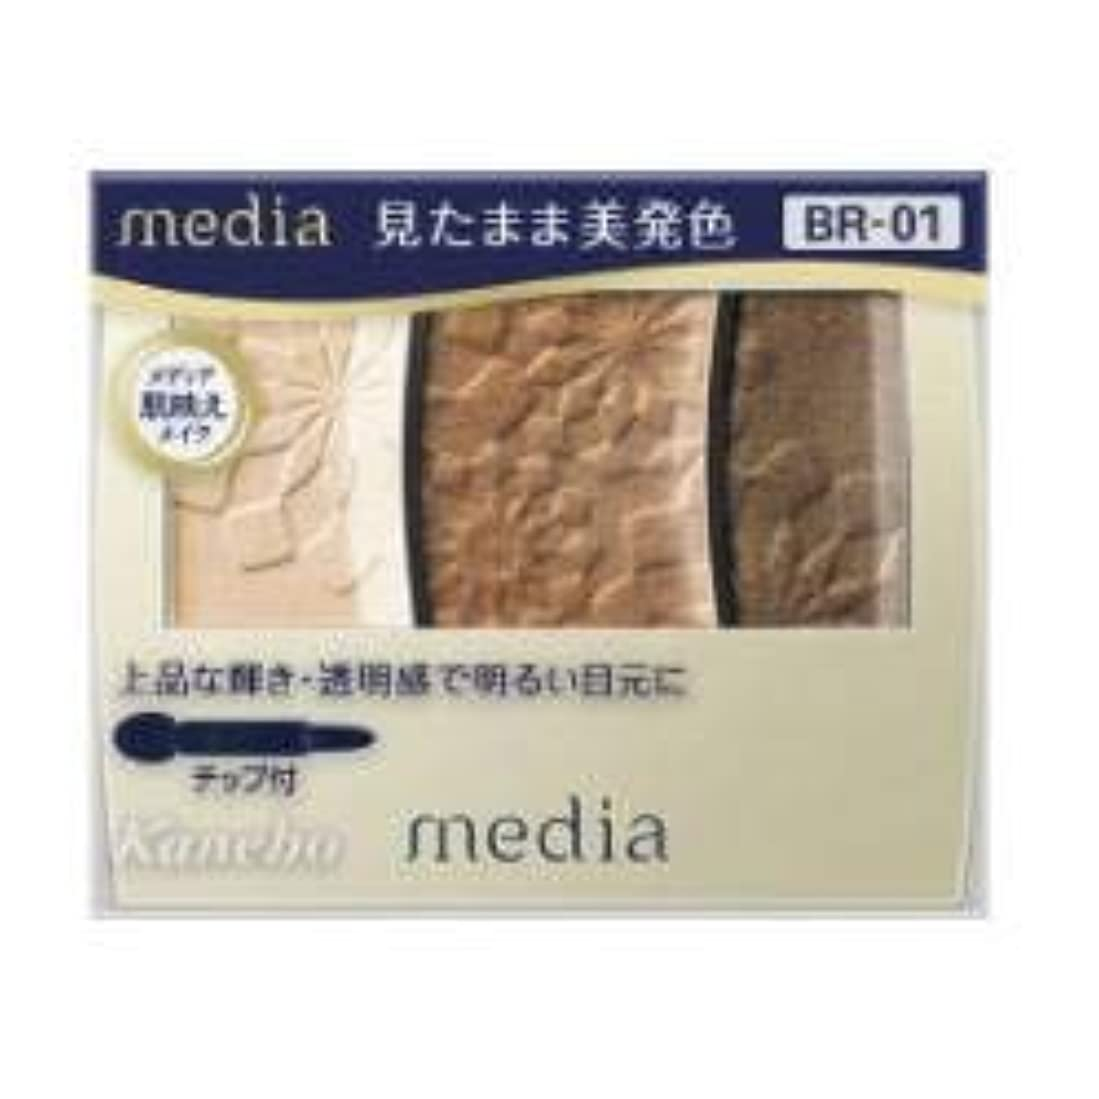 いろいろきょうだい中庭【カネボウ】 メディア グラデカラーアイシャドウ BR-01